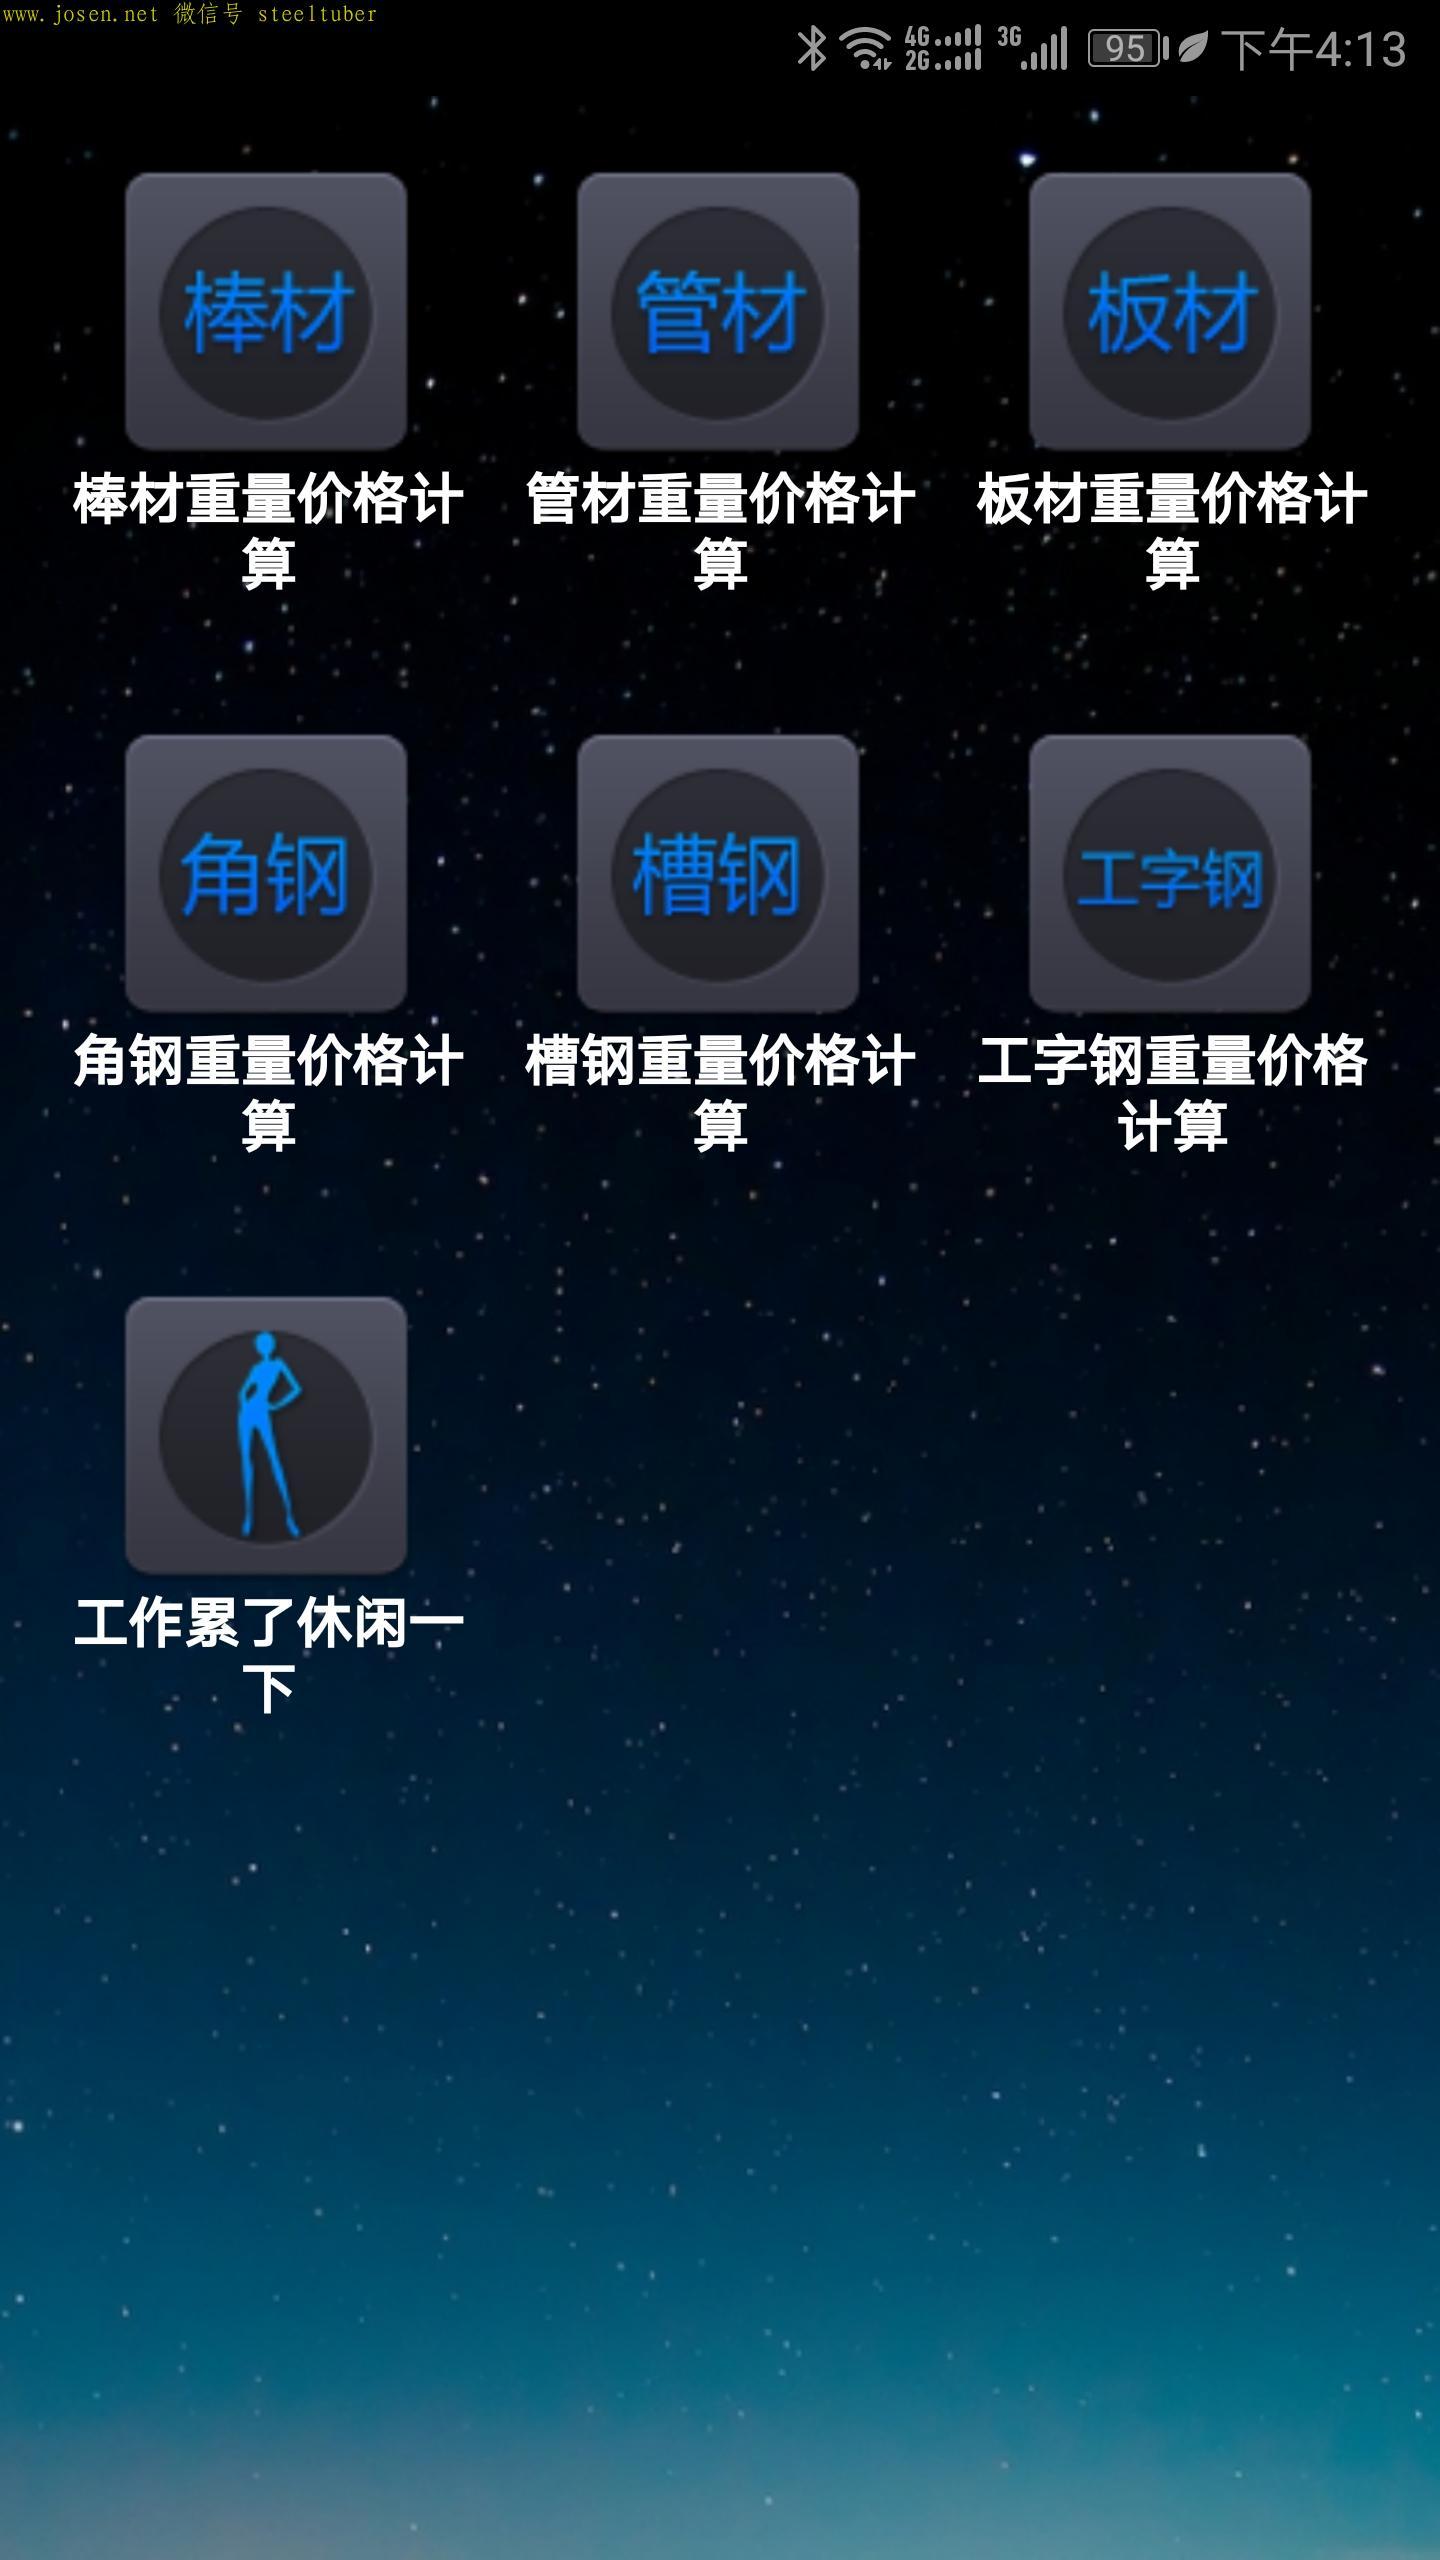 手机版软件界面.jpg